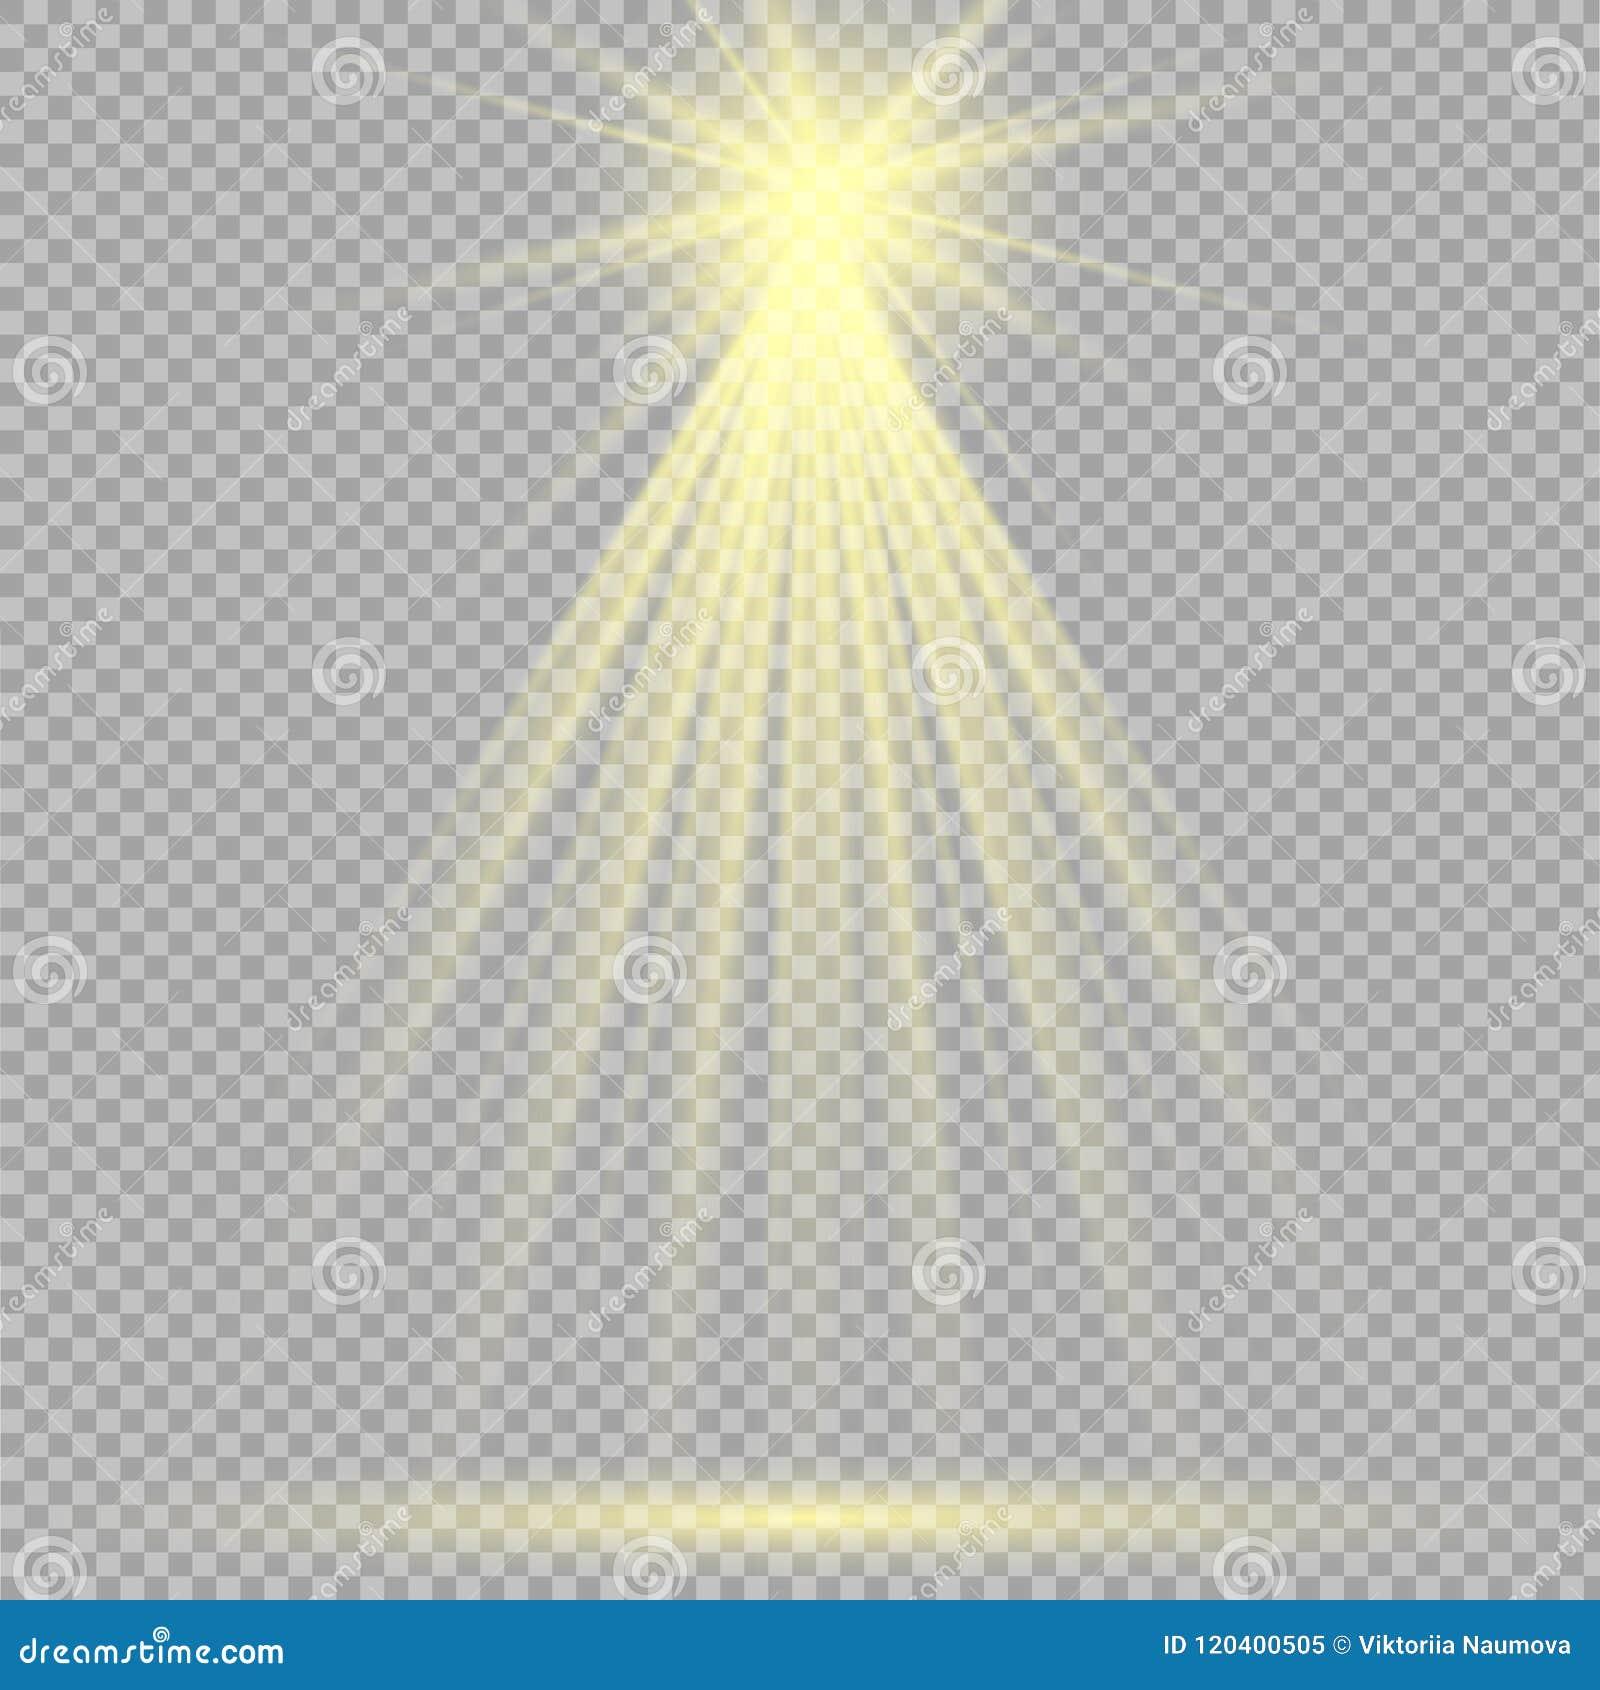 Riktar uppmärksamheten på ljusa effekter för plats också vektor för coreldrawillustration